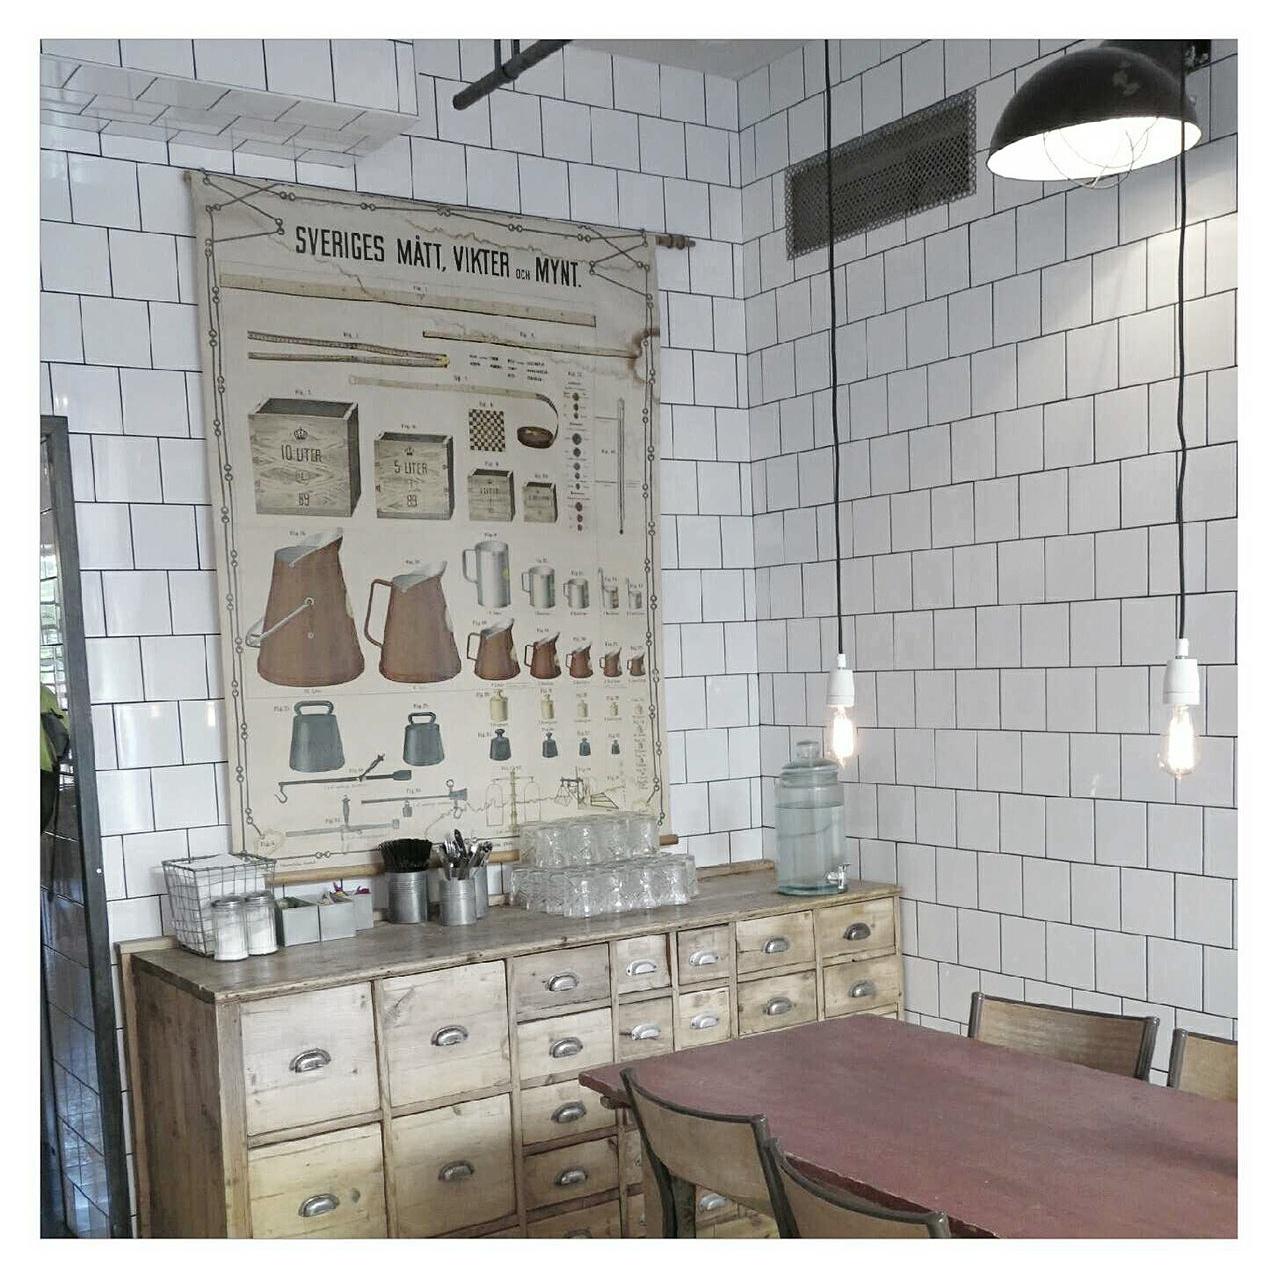 Fabrique, Gamla Stan, hotspot, Stockholm, 25x betaalbaar eten en drinken in Stockholm - Map of Joy